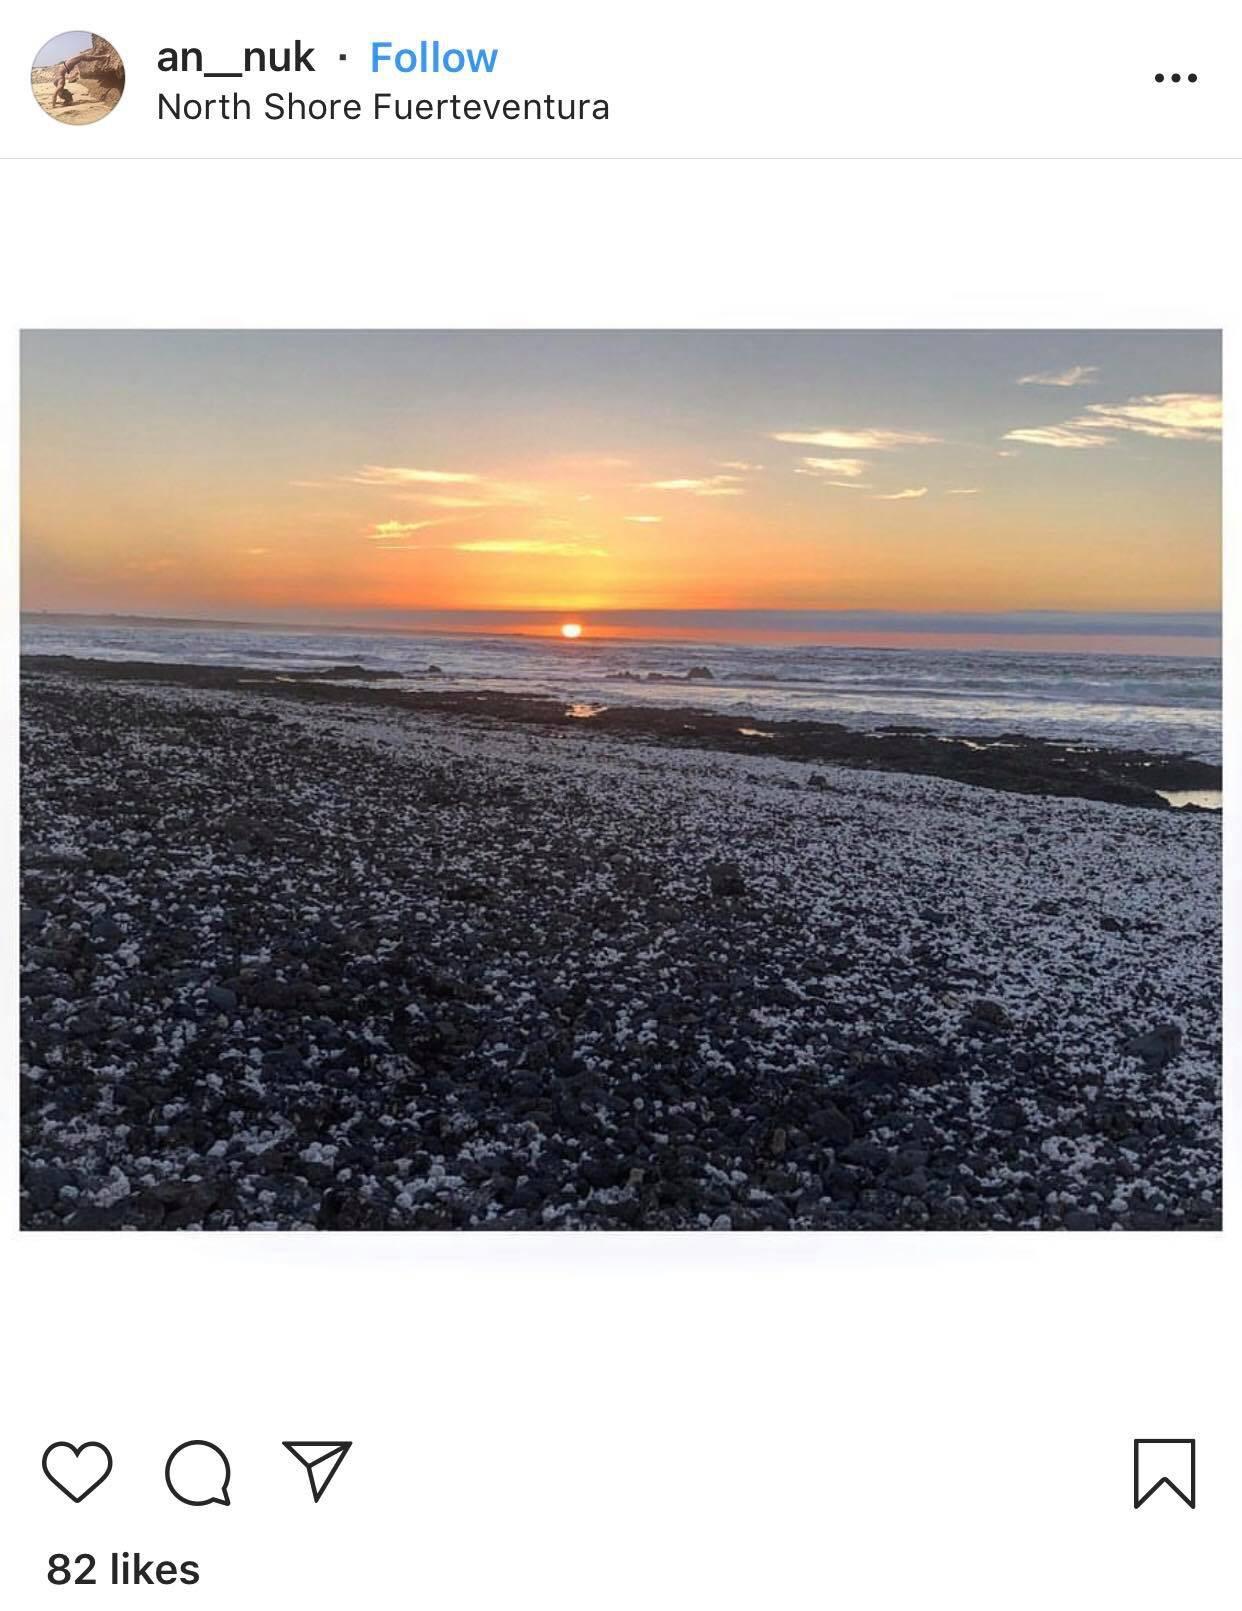 Bãi biển bỏng ngô nổi tiếng tại Tây Ban Nha: Trông hấp dẫn thế thôi chứ cắn vào là gãy răng ngay! - Ảnh 4.